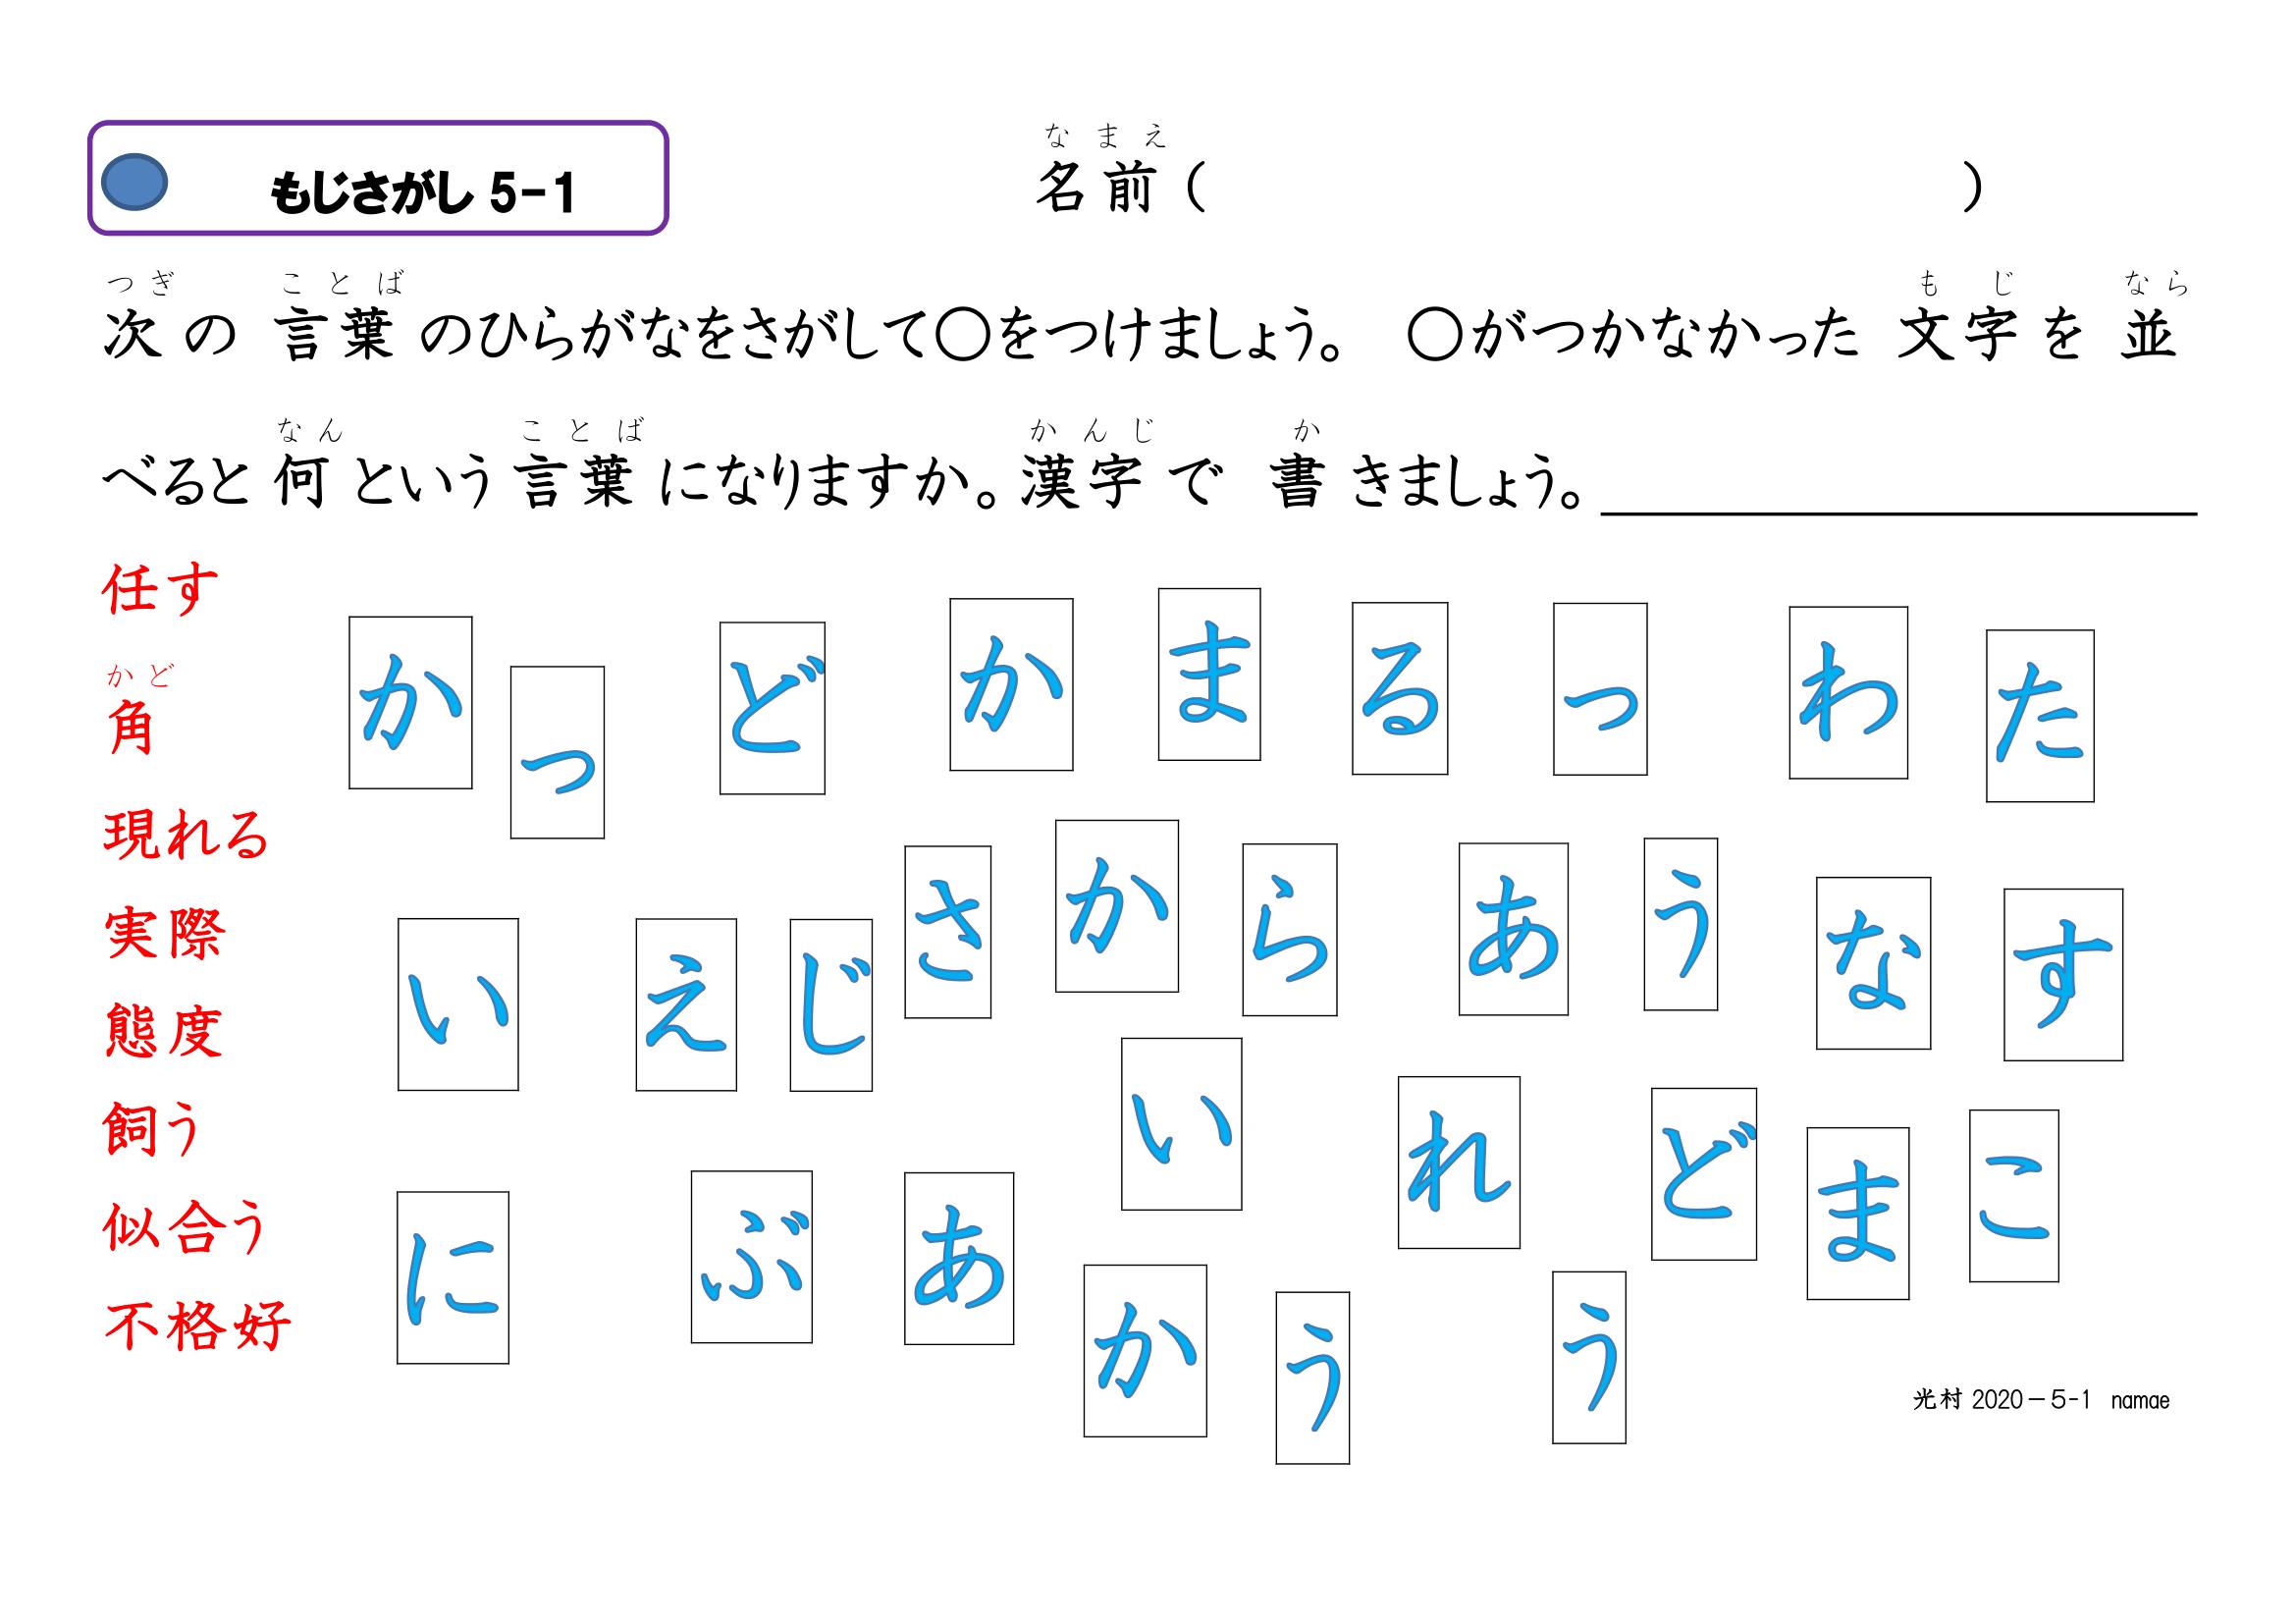 眼球運動ビジョントレーニング用プリント5年漢字01